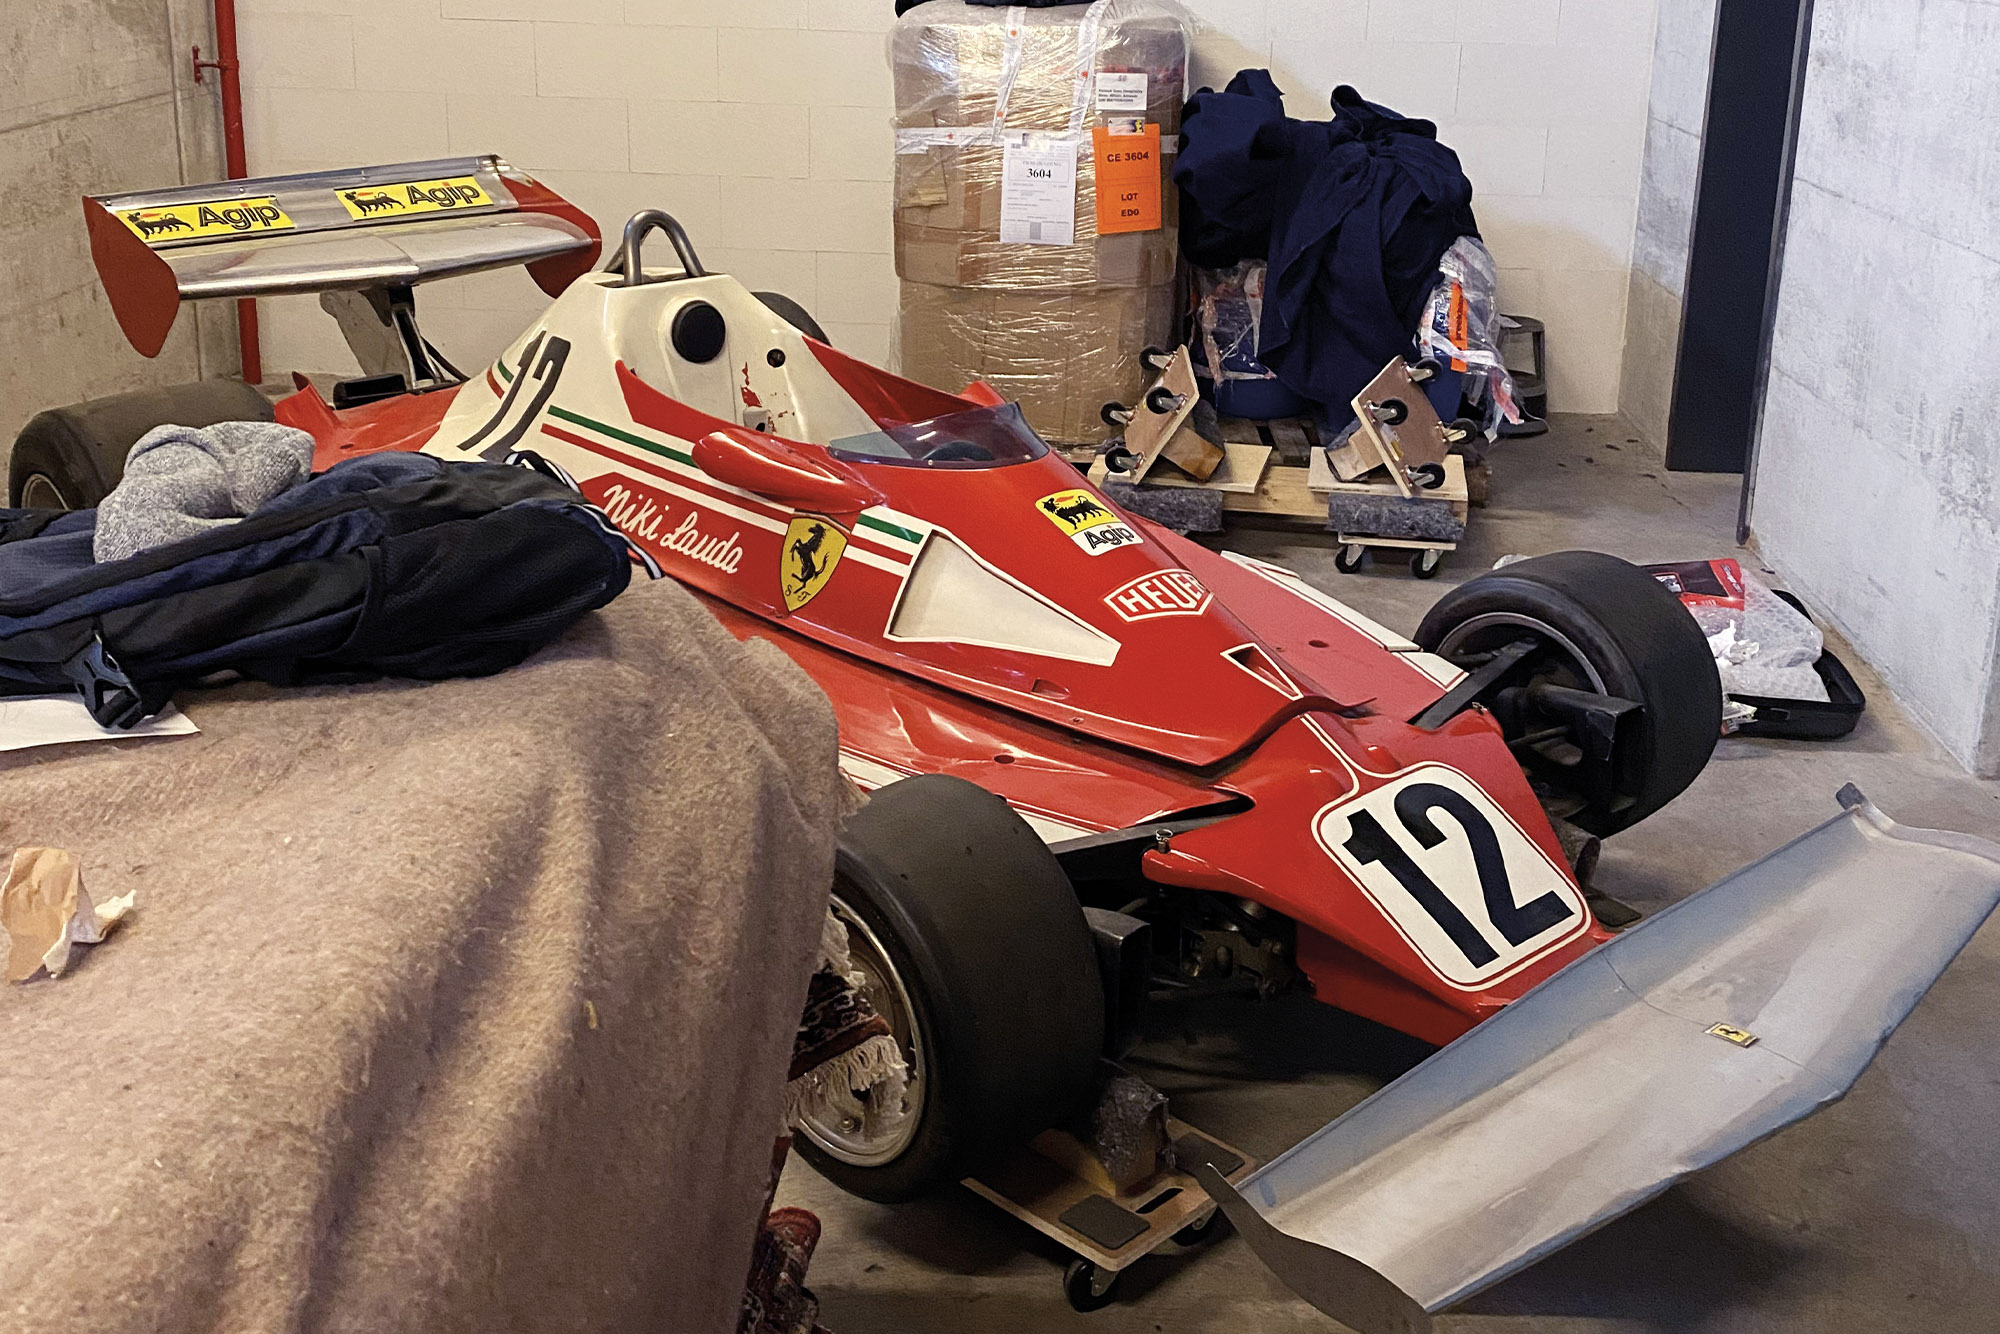 Niki Lauda 312T from 1975 in lock-up